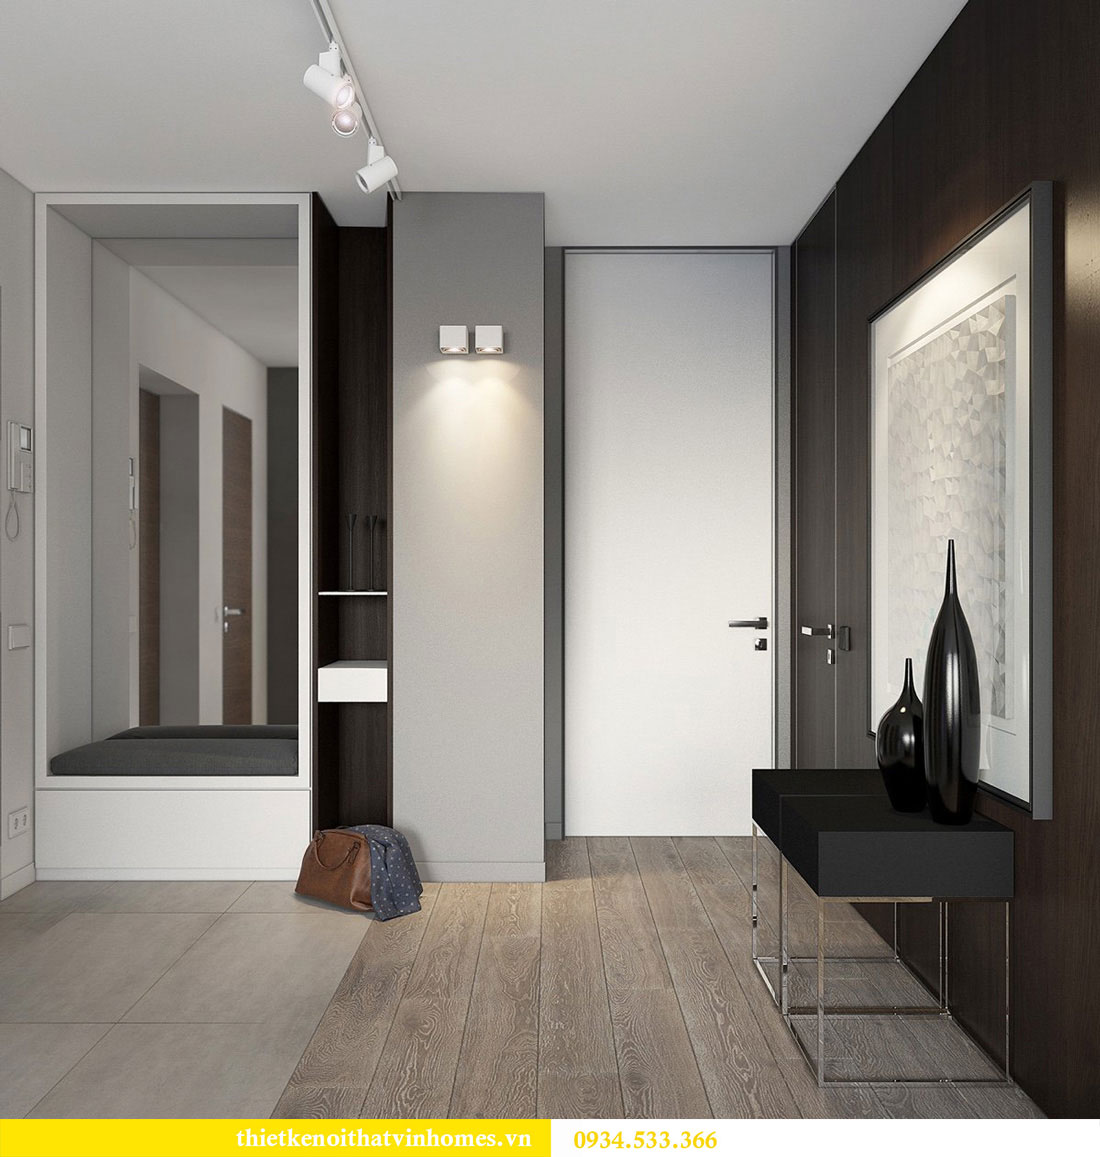 Thiết kế nội thất biệt thự Vinhomes Thăng Long 13